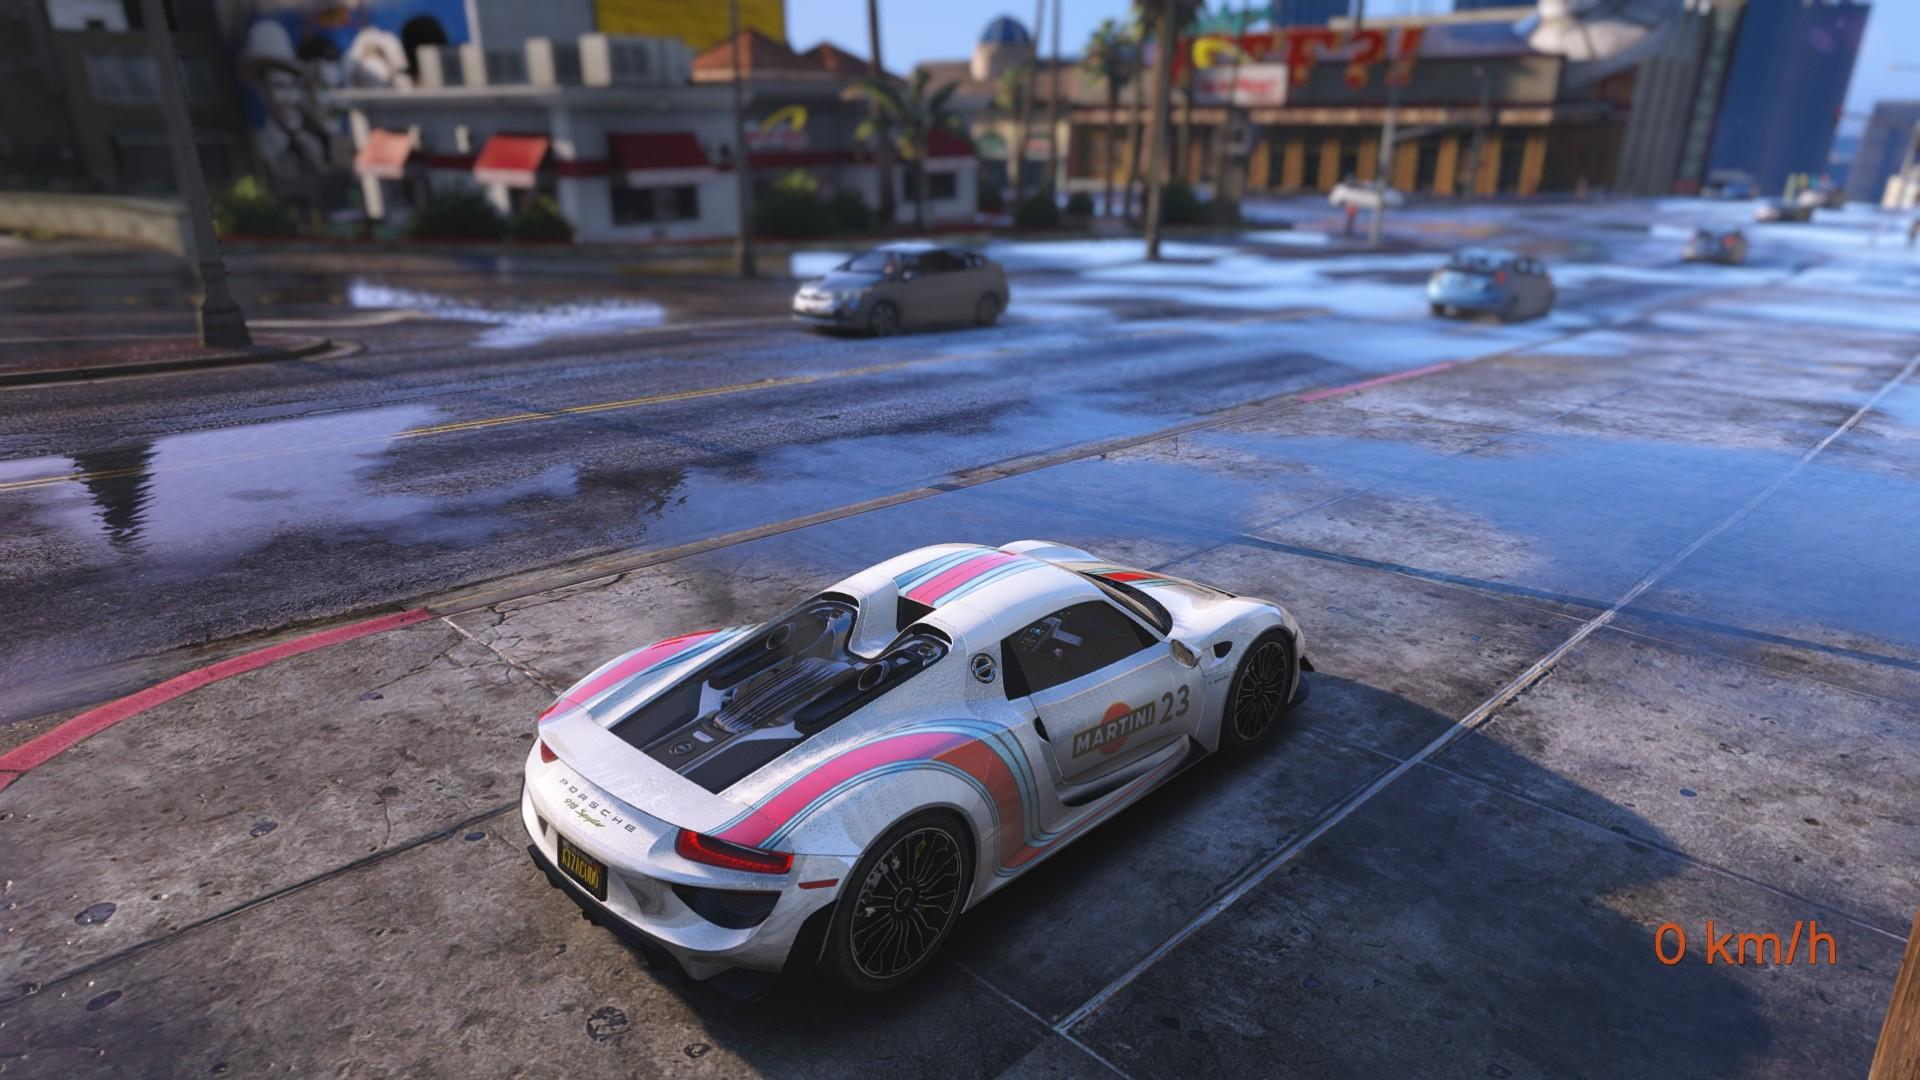 5ae2a2-GTA5%202017-07-05%2021-29-31 Stunning Porsche 918 Spyder Paint Job Cars Trend